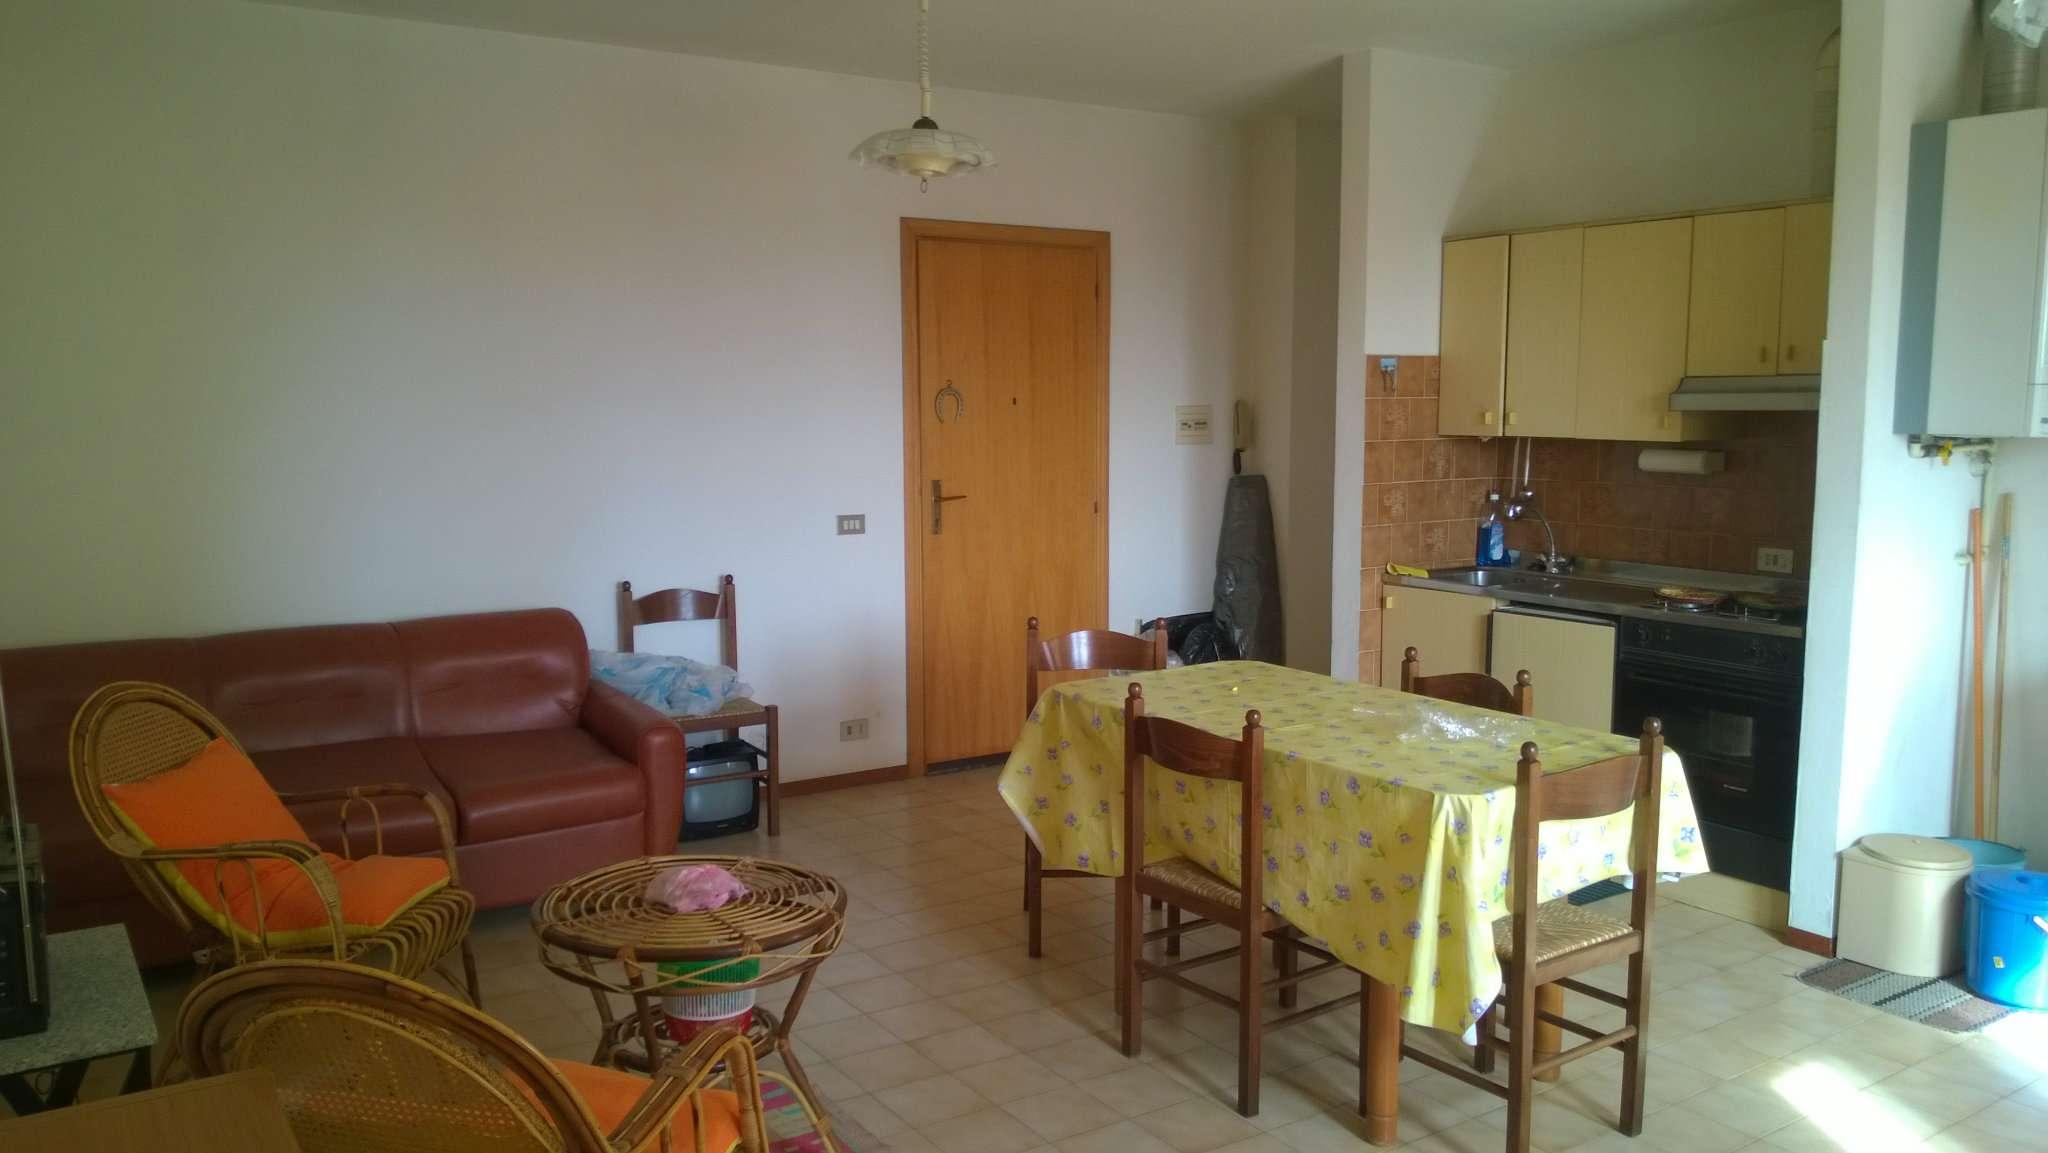 Appartamento in vendita a Porto Sant'Elpidio, 3 locali, prezzo € 55.000 | Cambio Casa.it